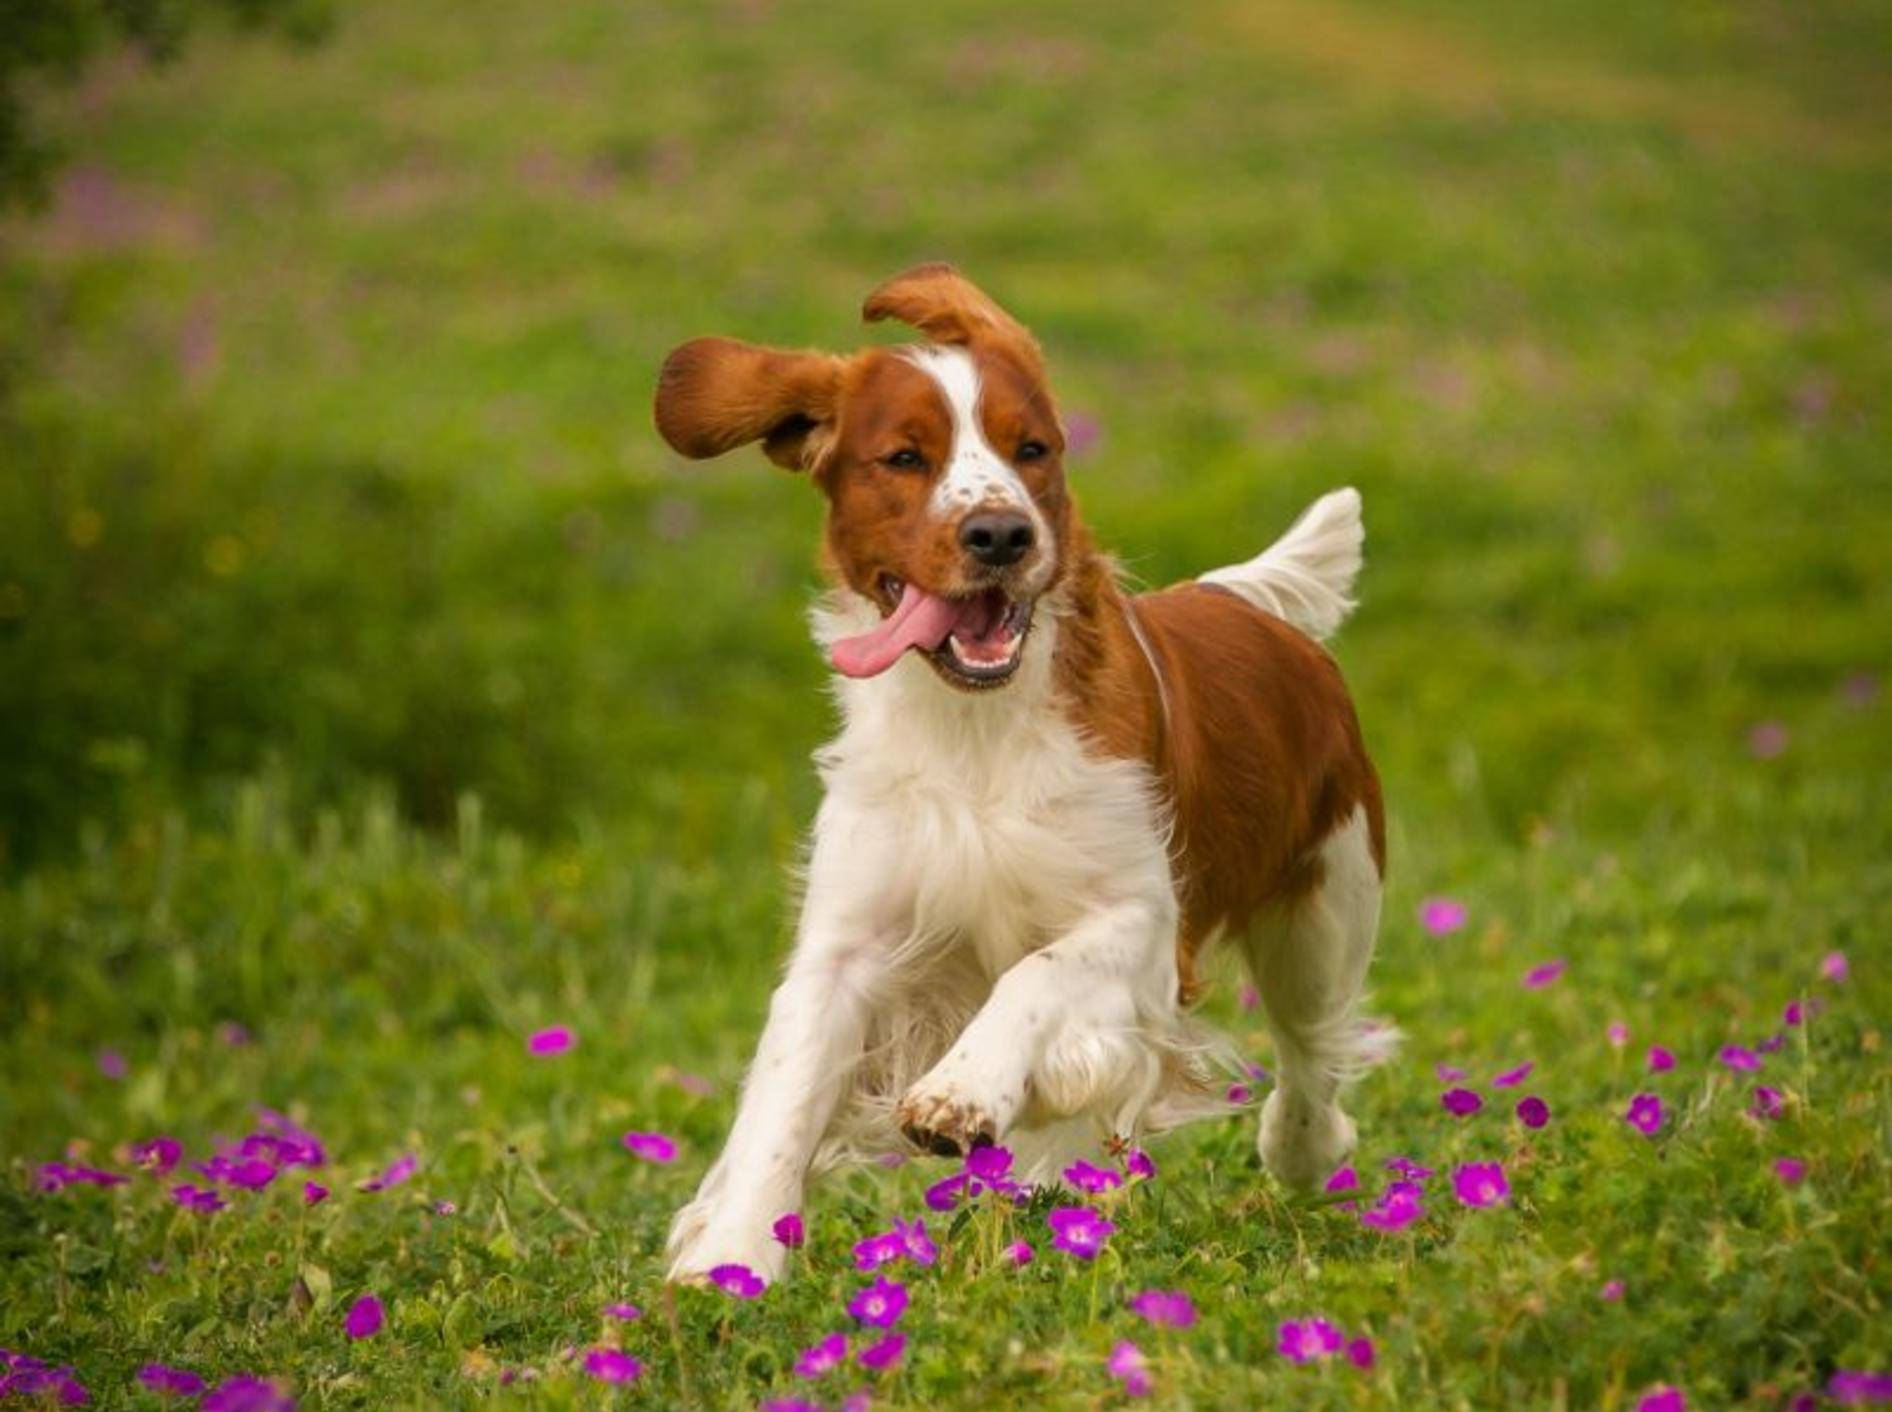 Aktiv, munter und bewegungsfreudig: Der Welsh Springer Spaniel – Bild: Shutterstock / rebeccaashworth